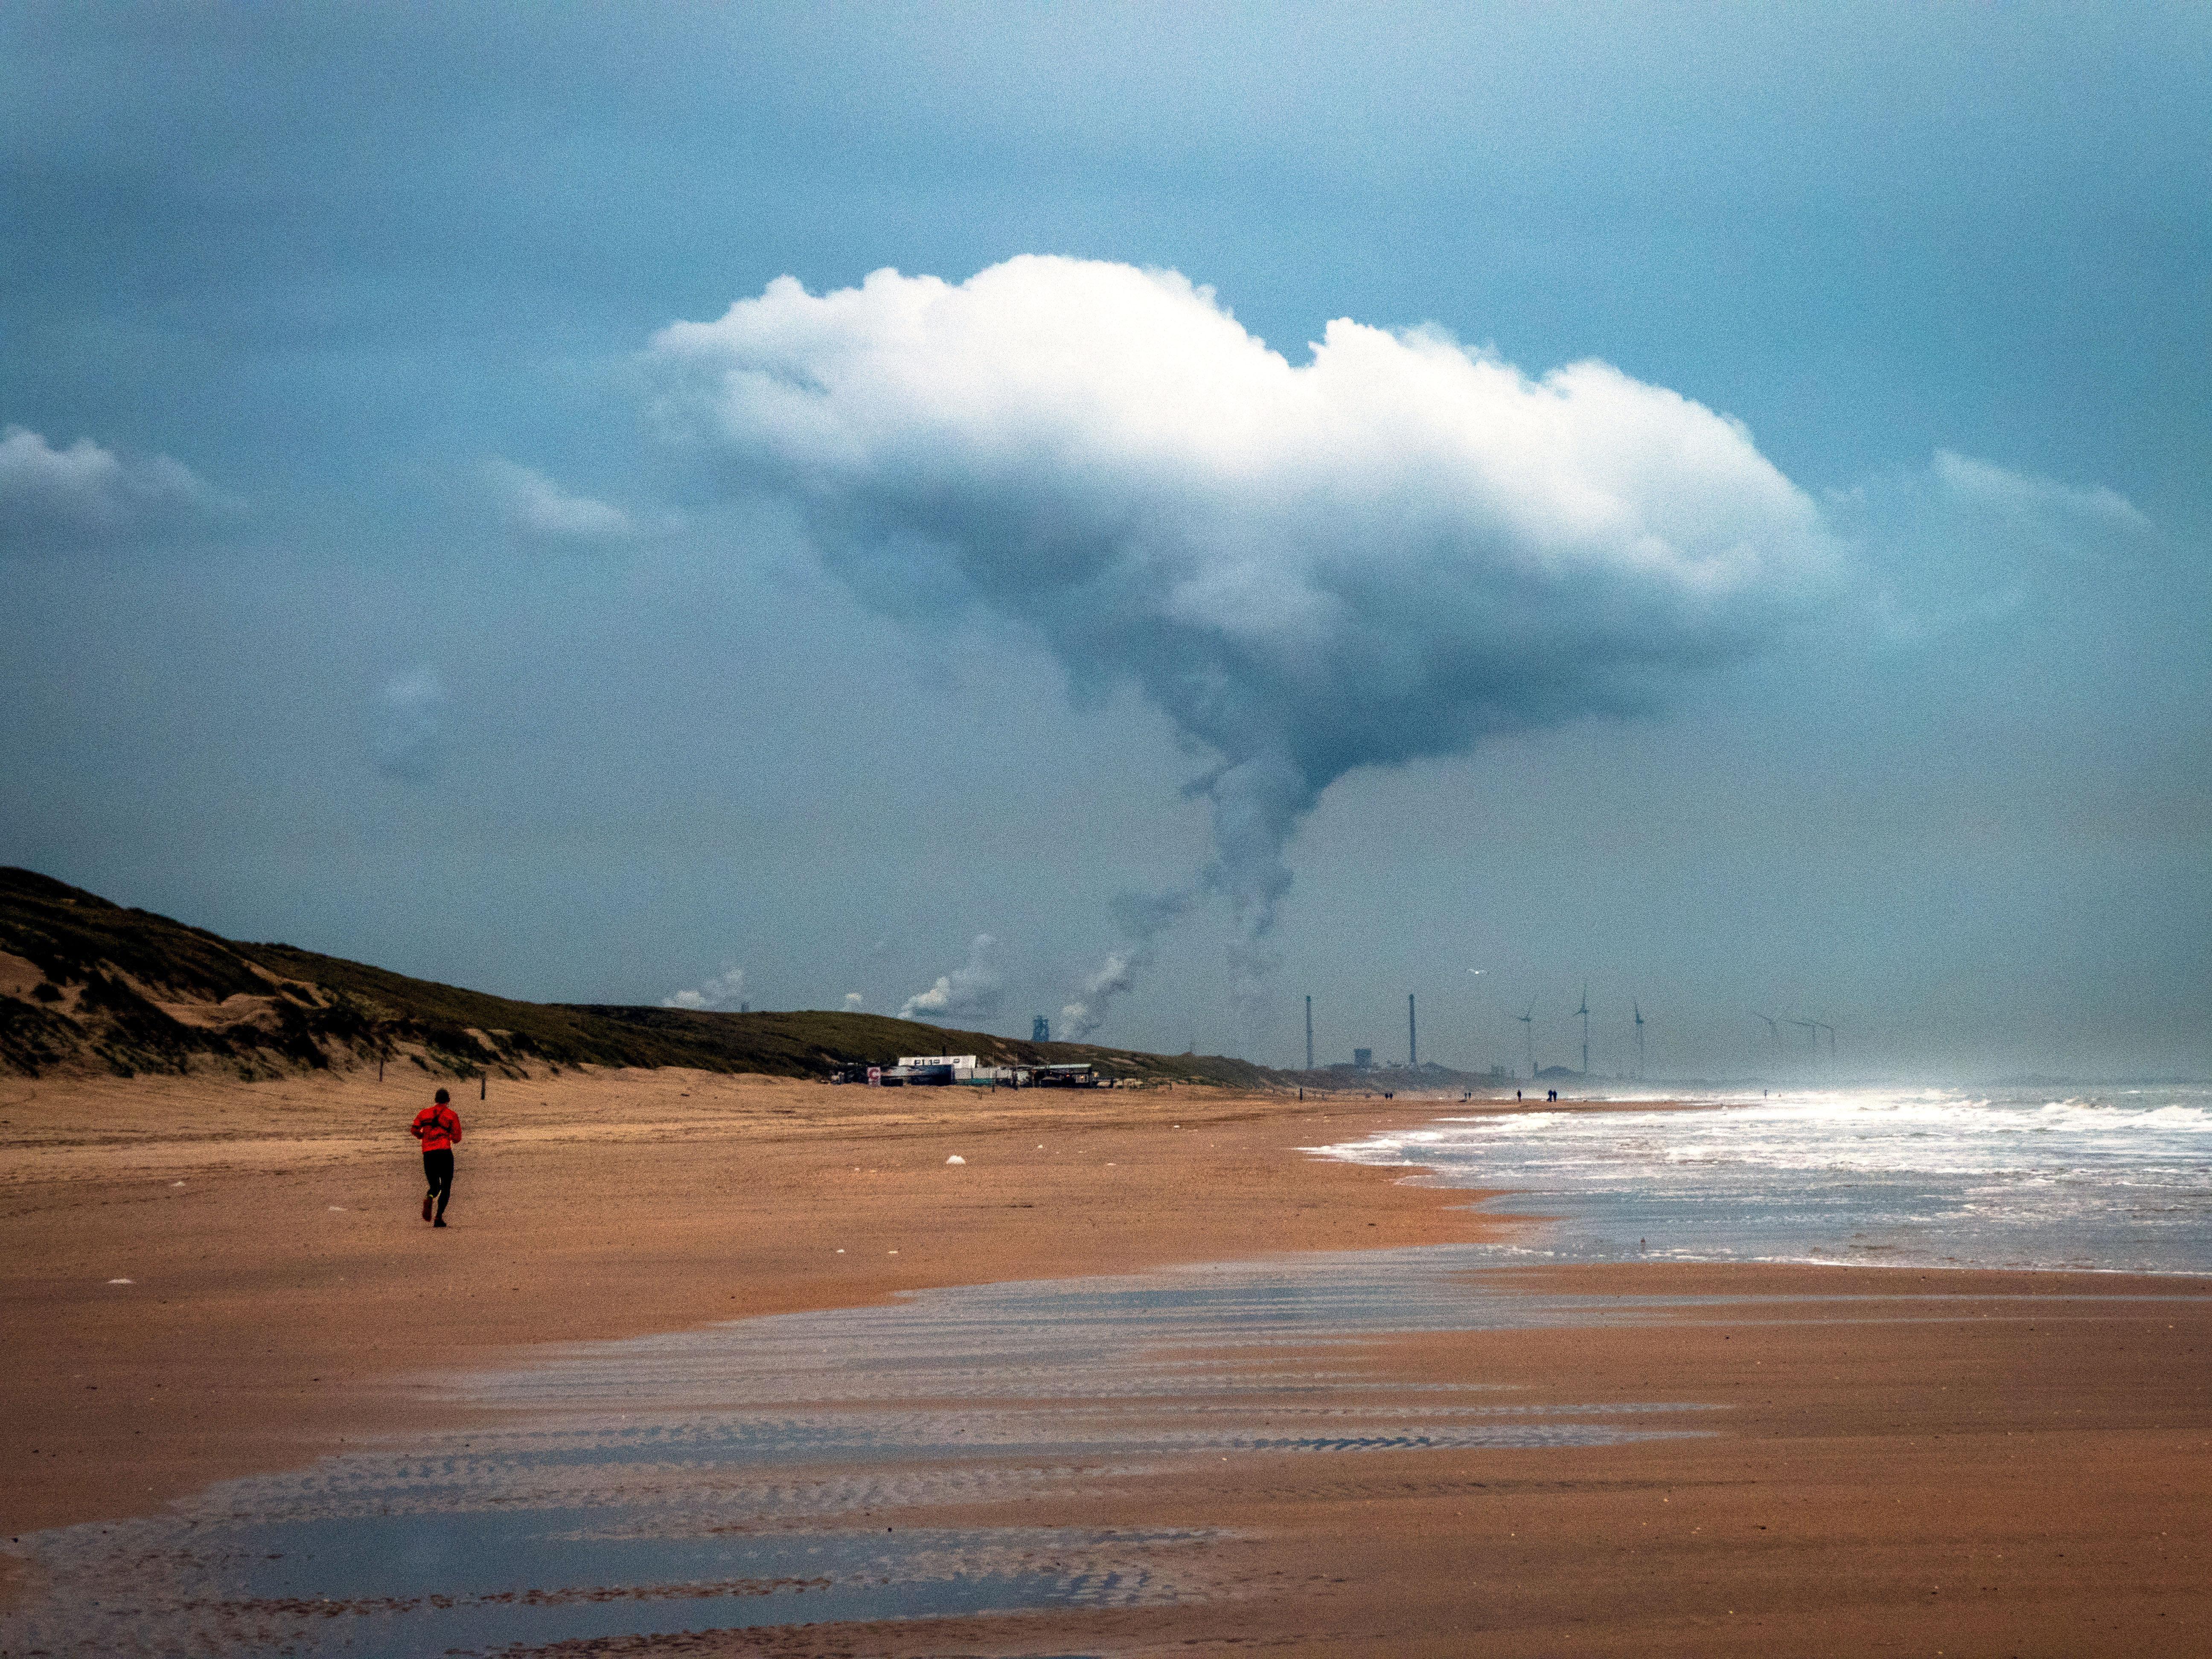 Steeds meer inwoners Wijk aan Zee doen aangifte bij politie tegen Tata Steel vanwege milieuvervuiling in hun dorp